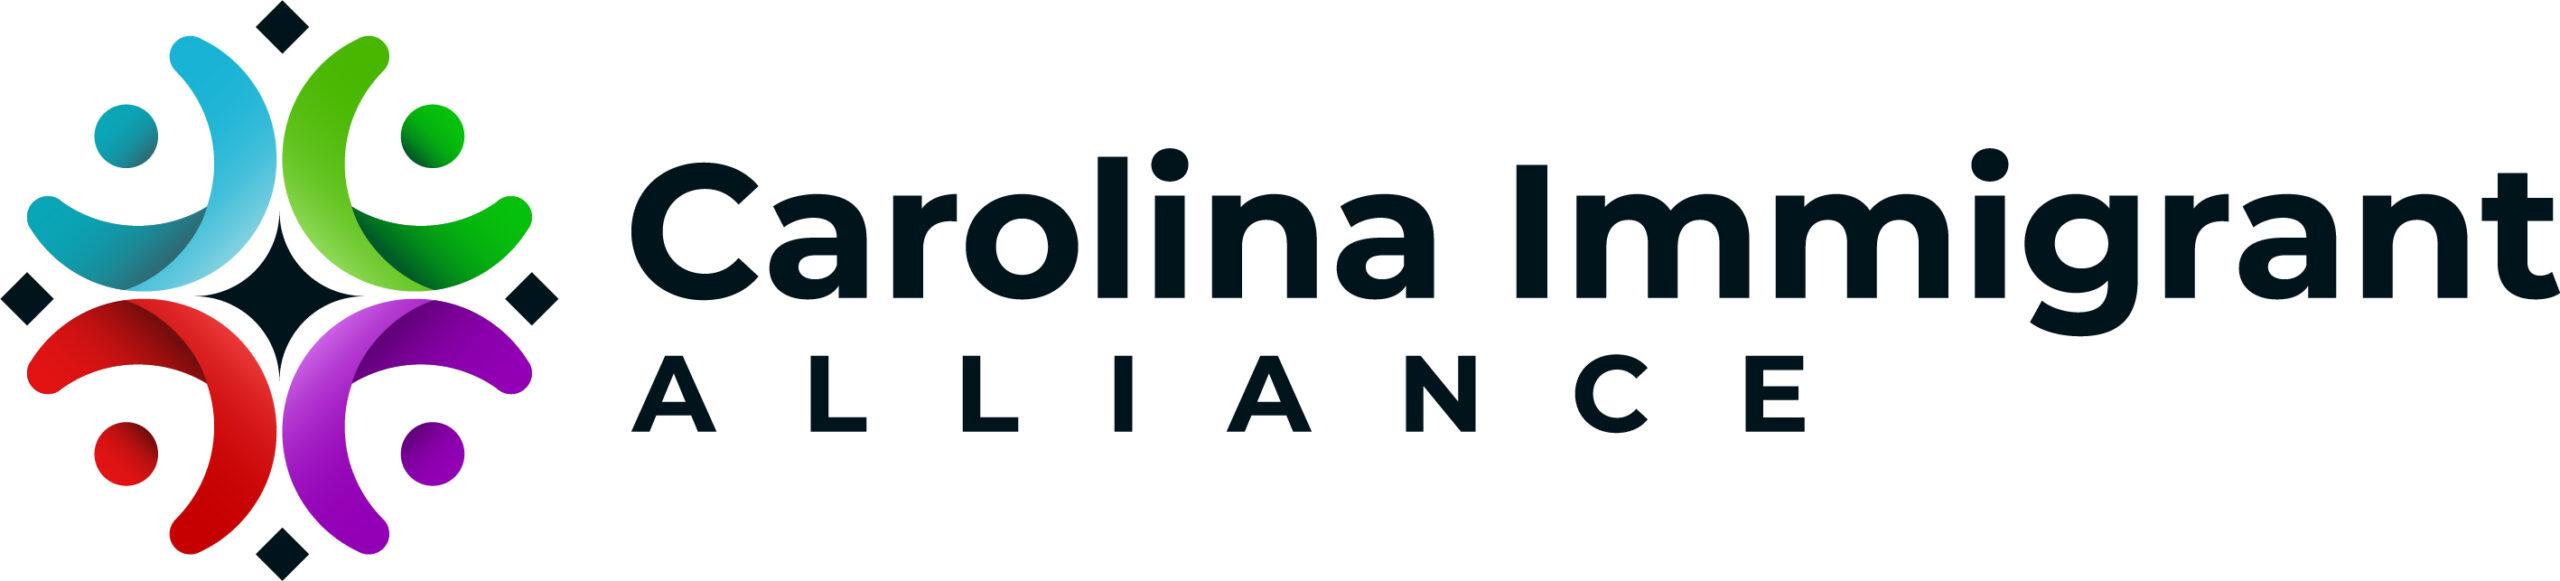 Carolina Immigrant Alliance